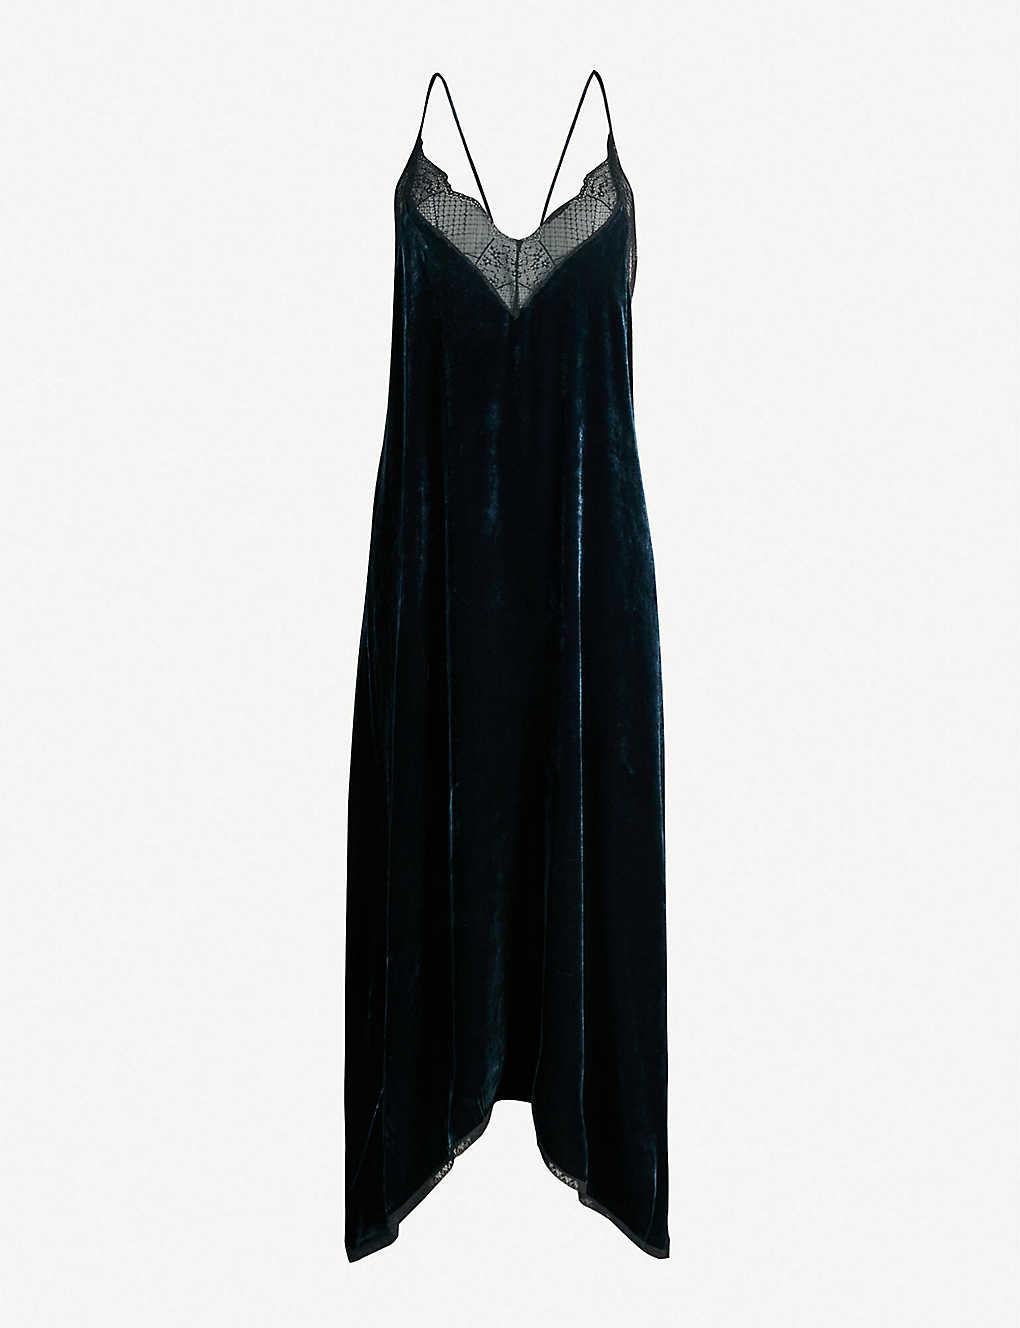 Risty Trim Zadig Dress Lace Velvet amp;voltaire 7fOOwqa